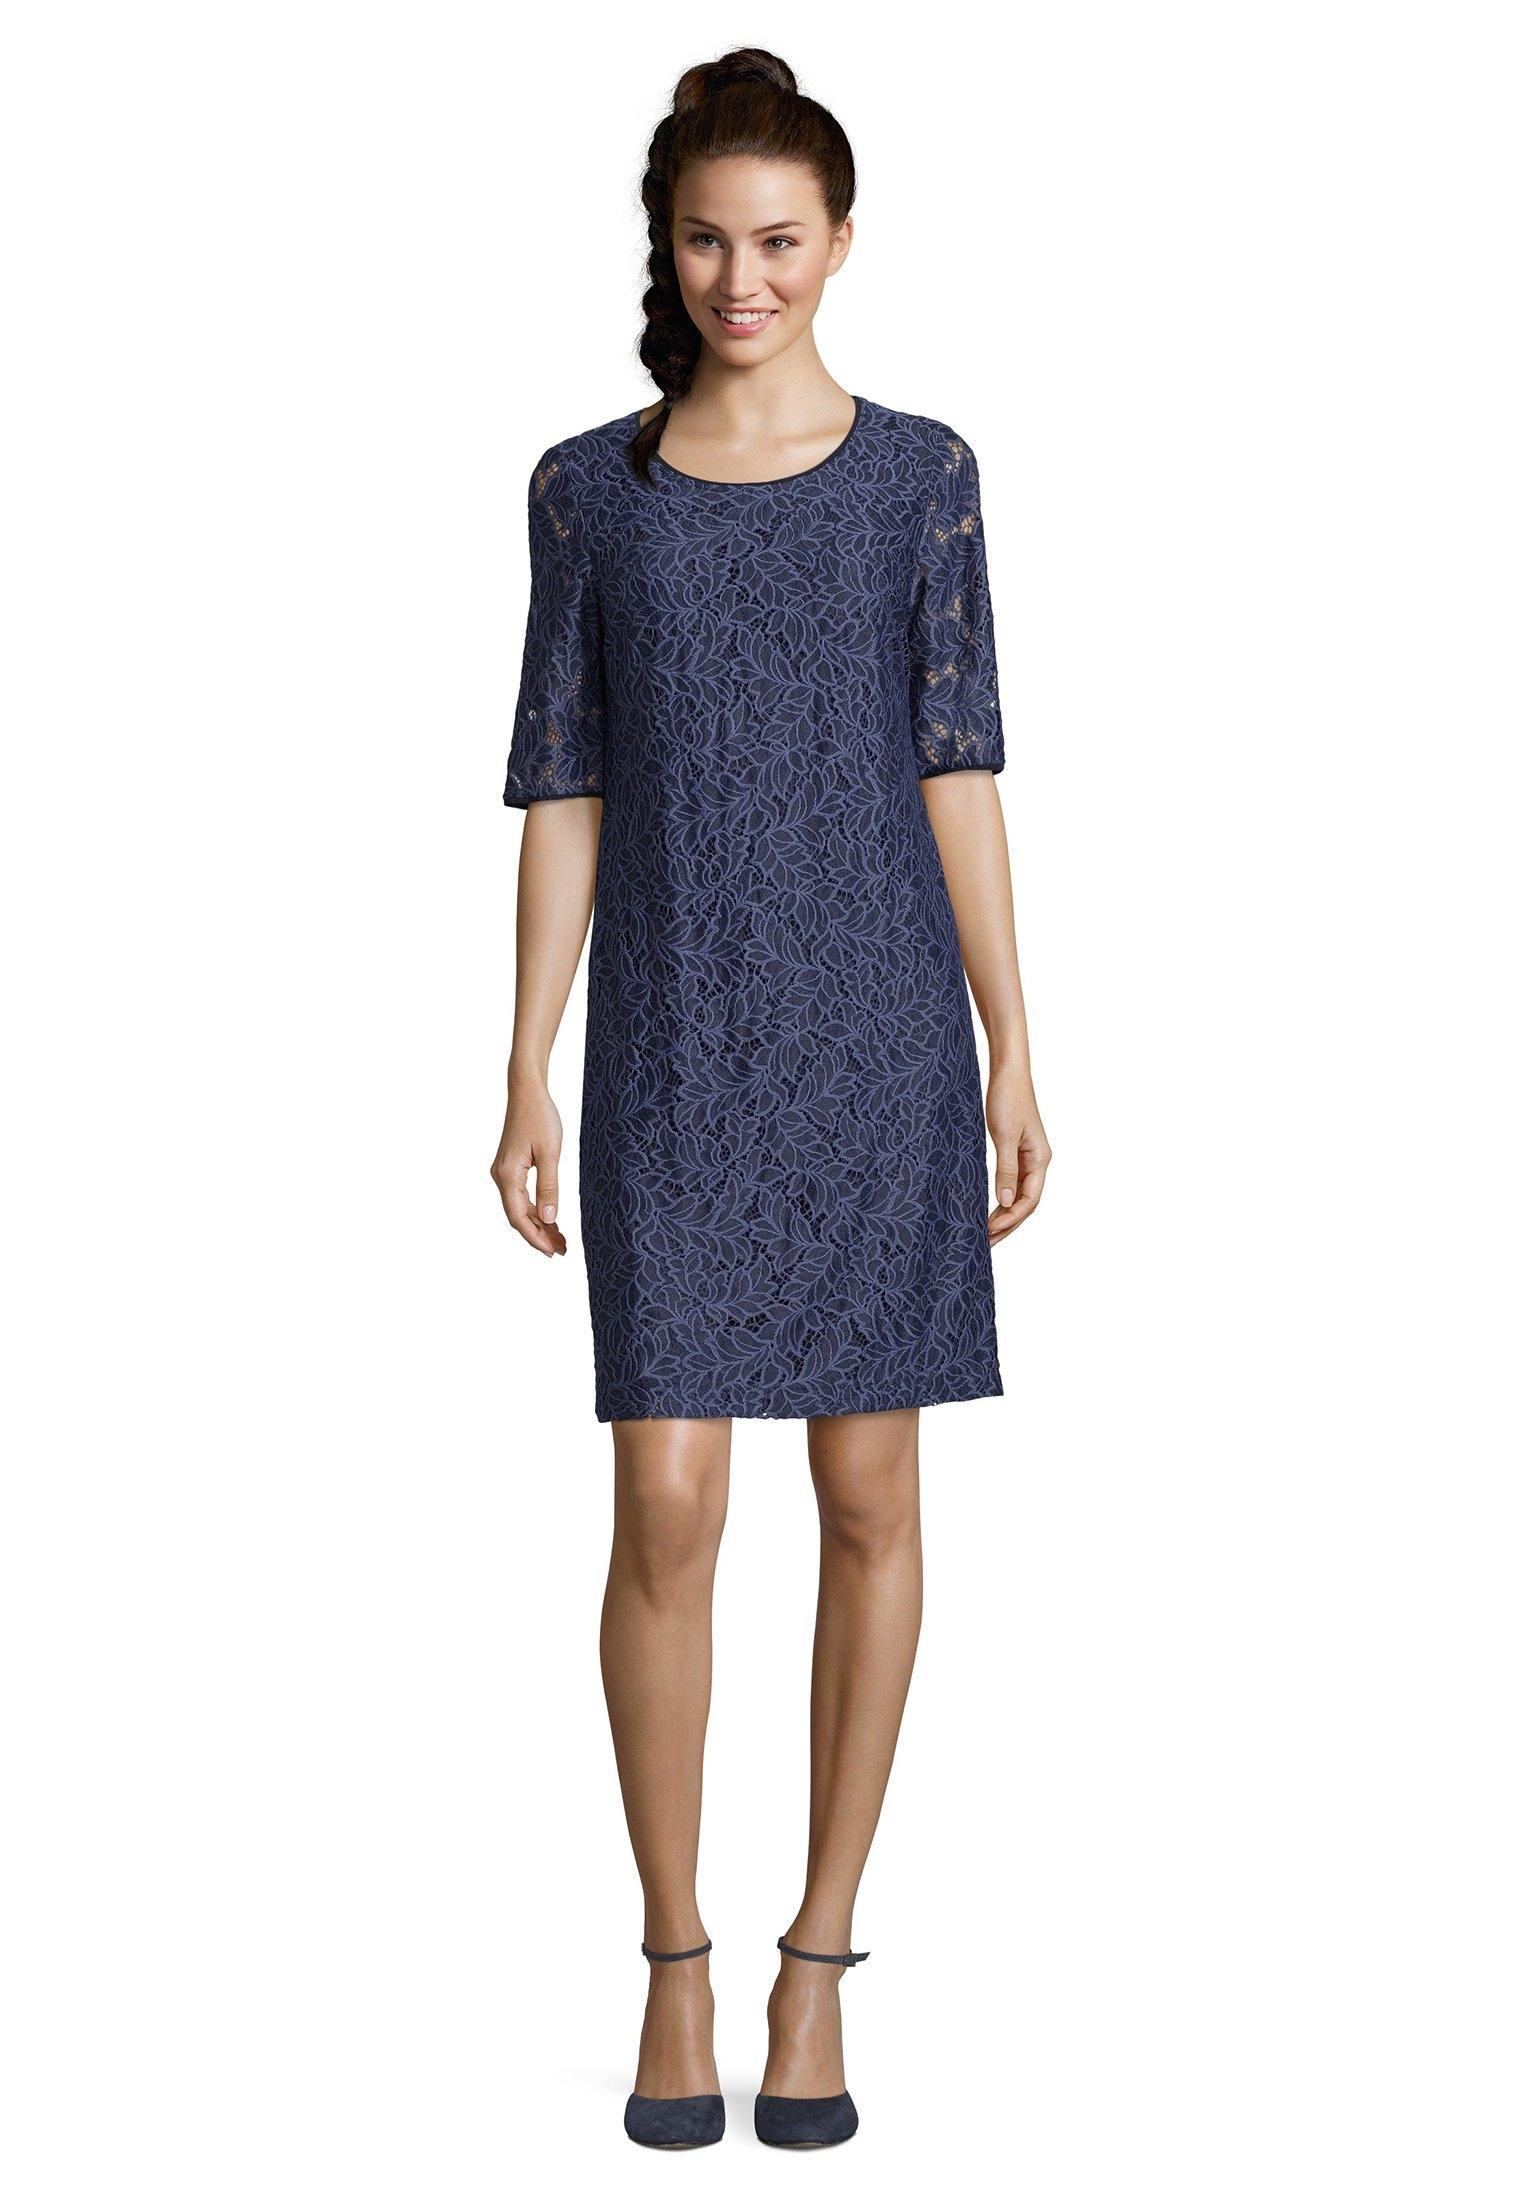 Betty Barclay Kanten jurk voordelig en veilig online kopen